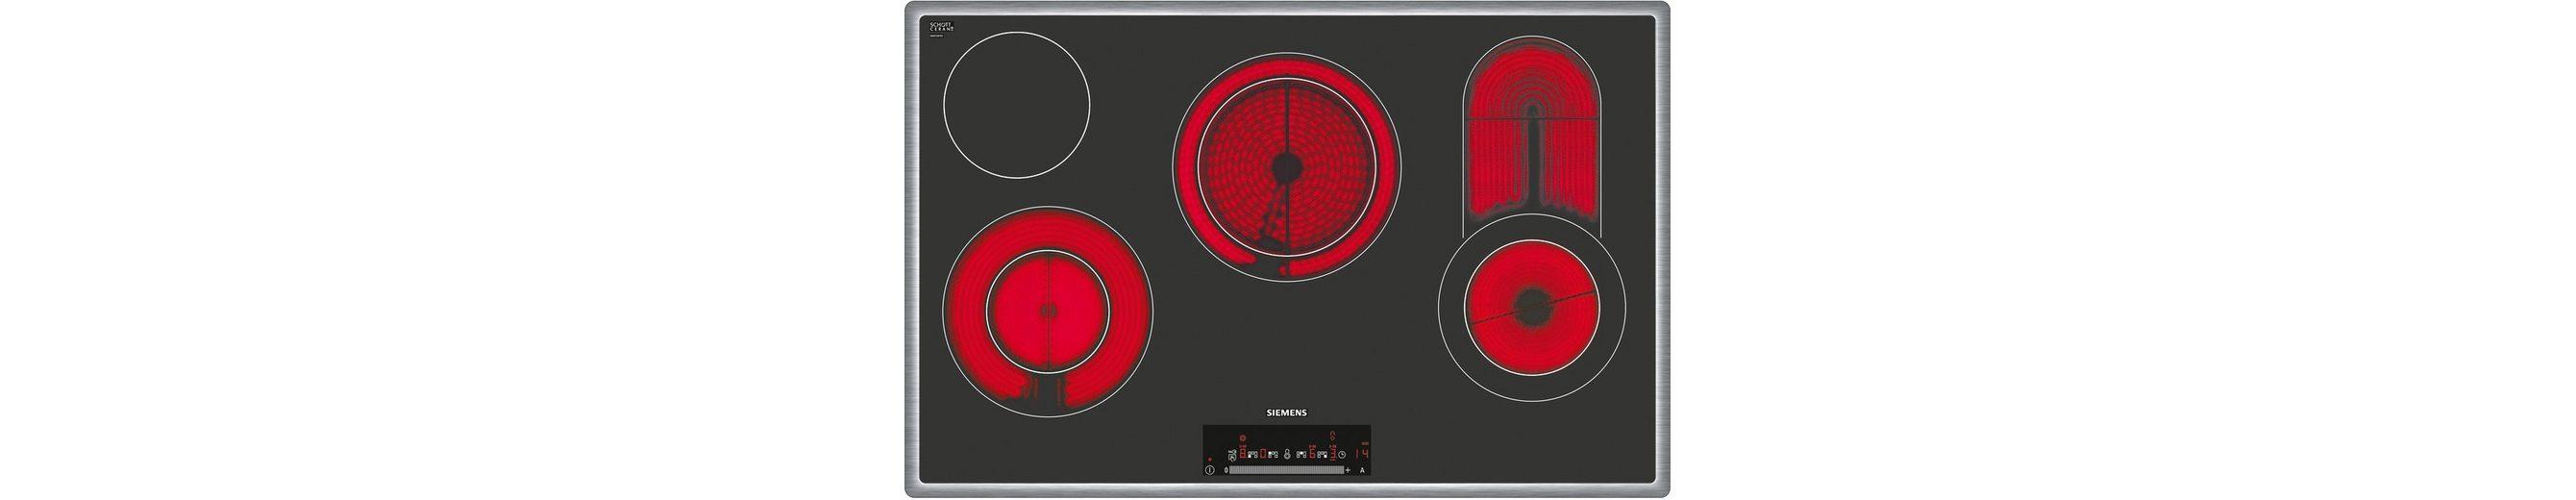 Siemens Glaskeramik-Kochfeld von Schott Ceran® ET845FC17, 78 cm breit